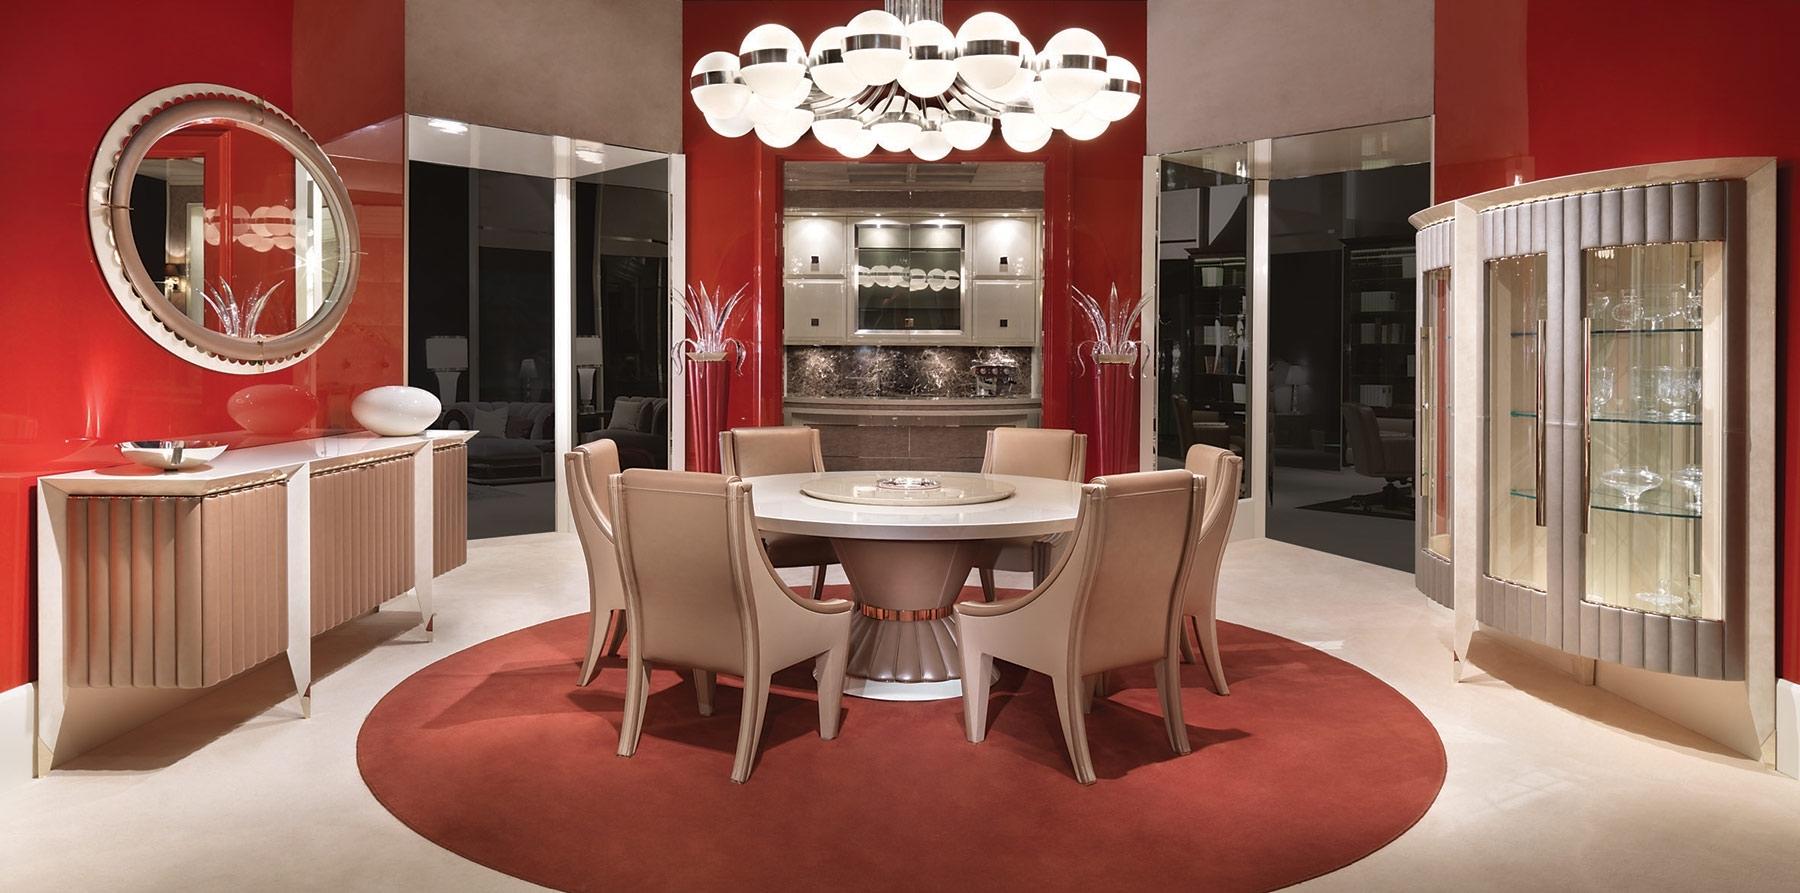 Красно-бежевая столовая в стиле арт-деко